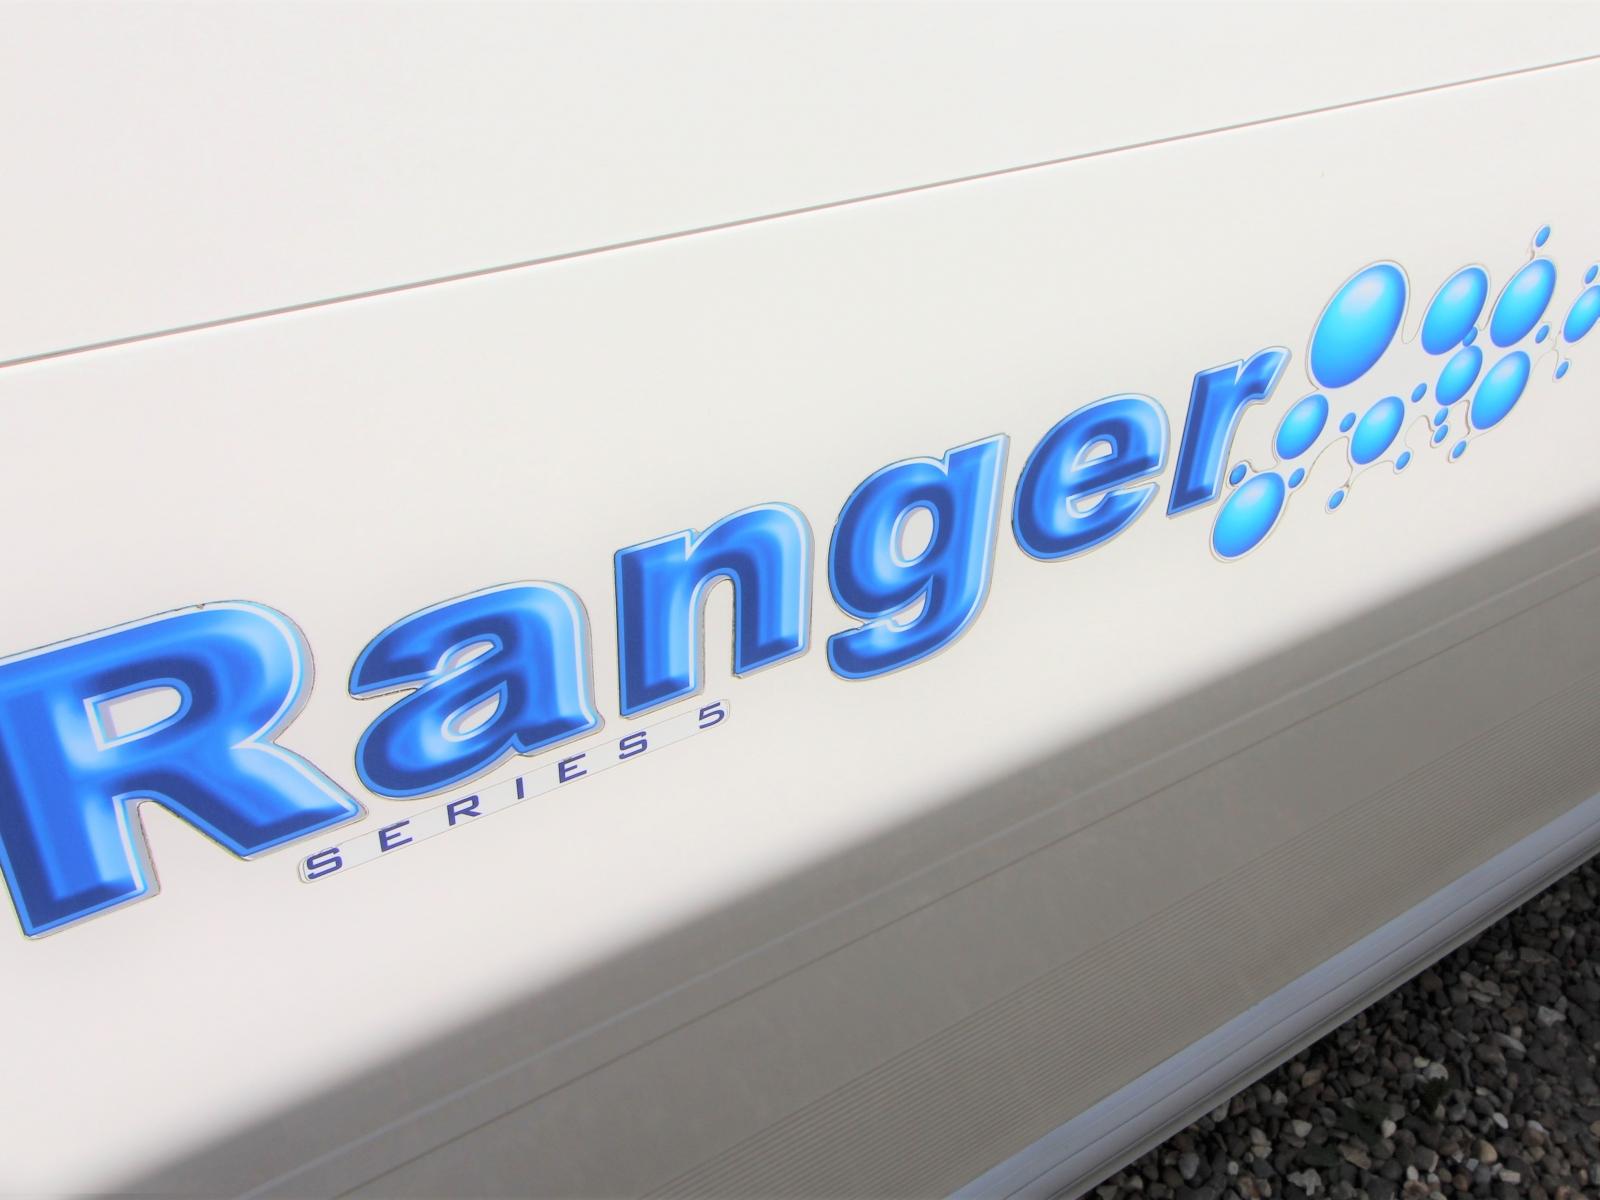 Bailey Ranger 464 2008 image